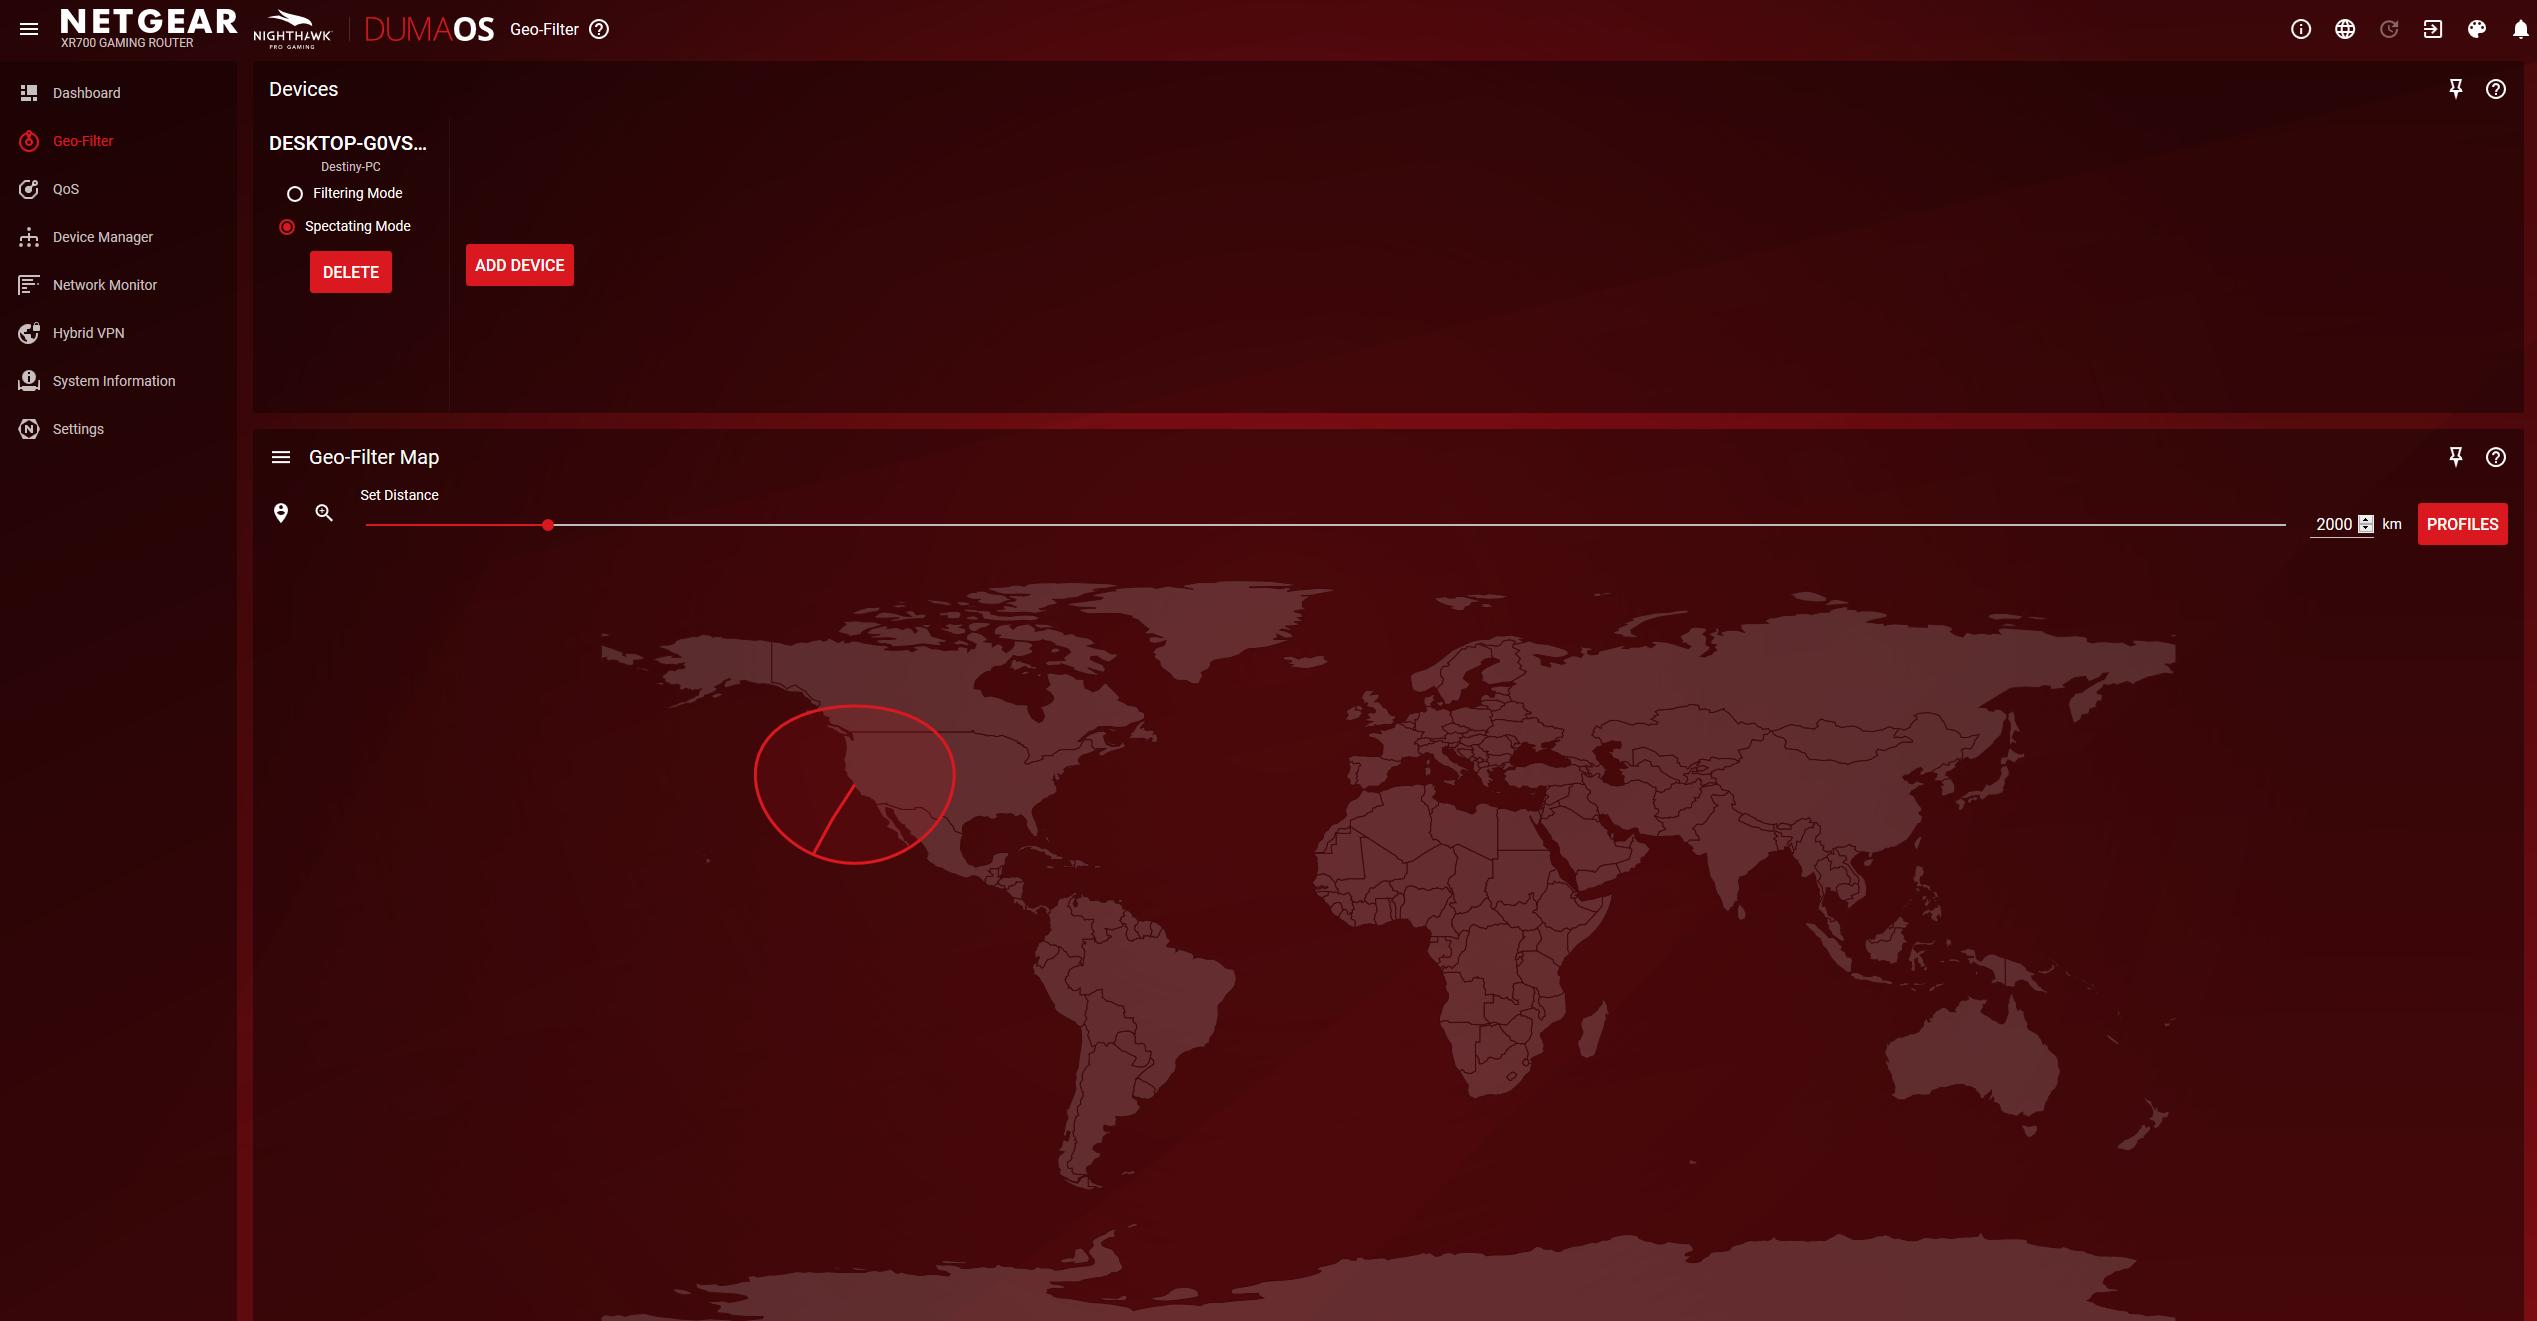 Oprogramowanie DumaOS odnajdziemy w routerach Netgear. Lista udogodnień obejmuje QOS, VPN i Geo-Filtr